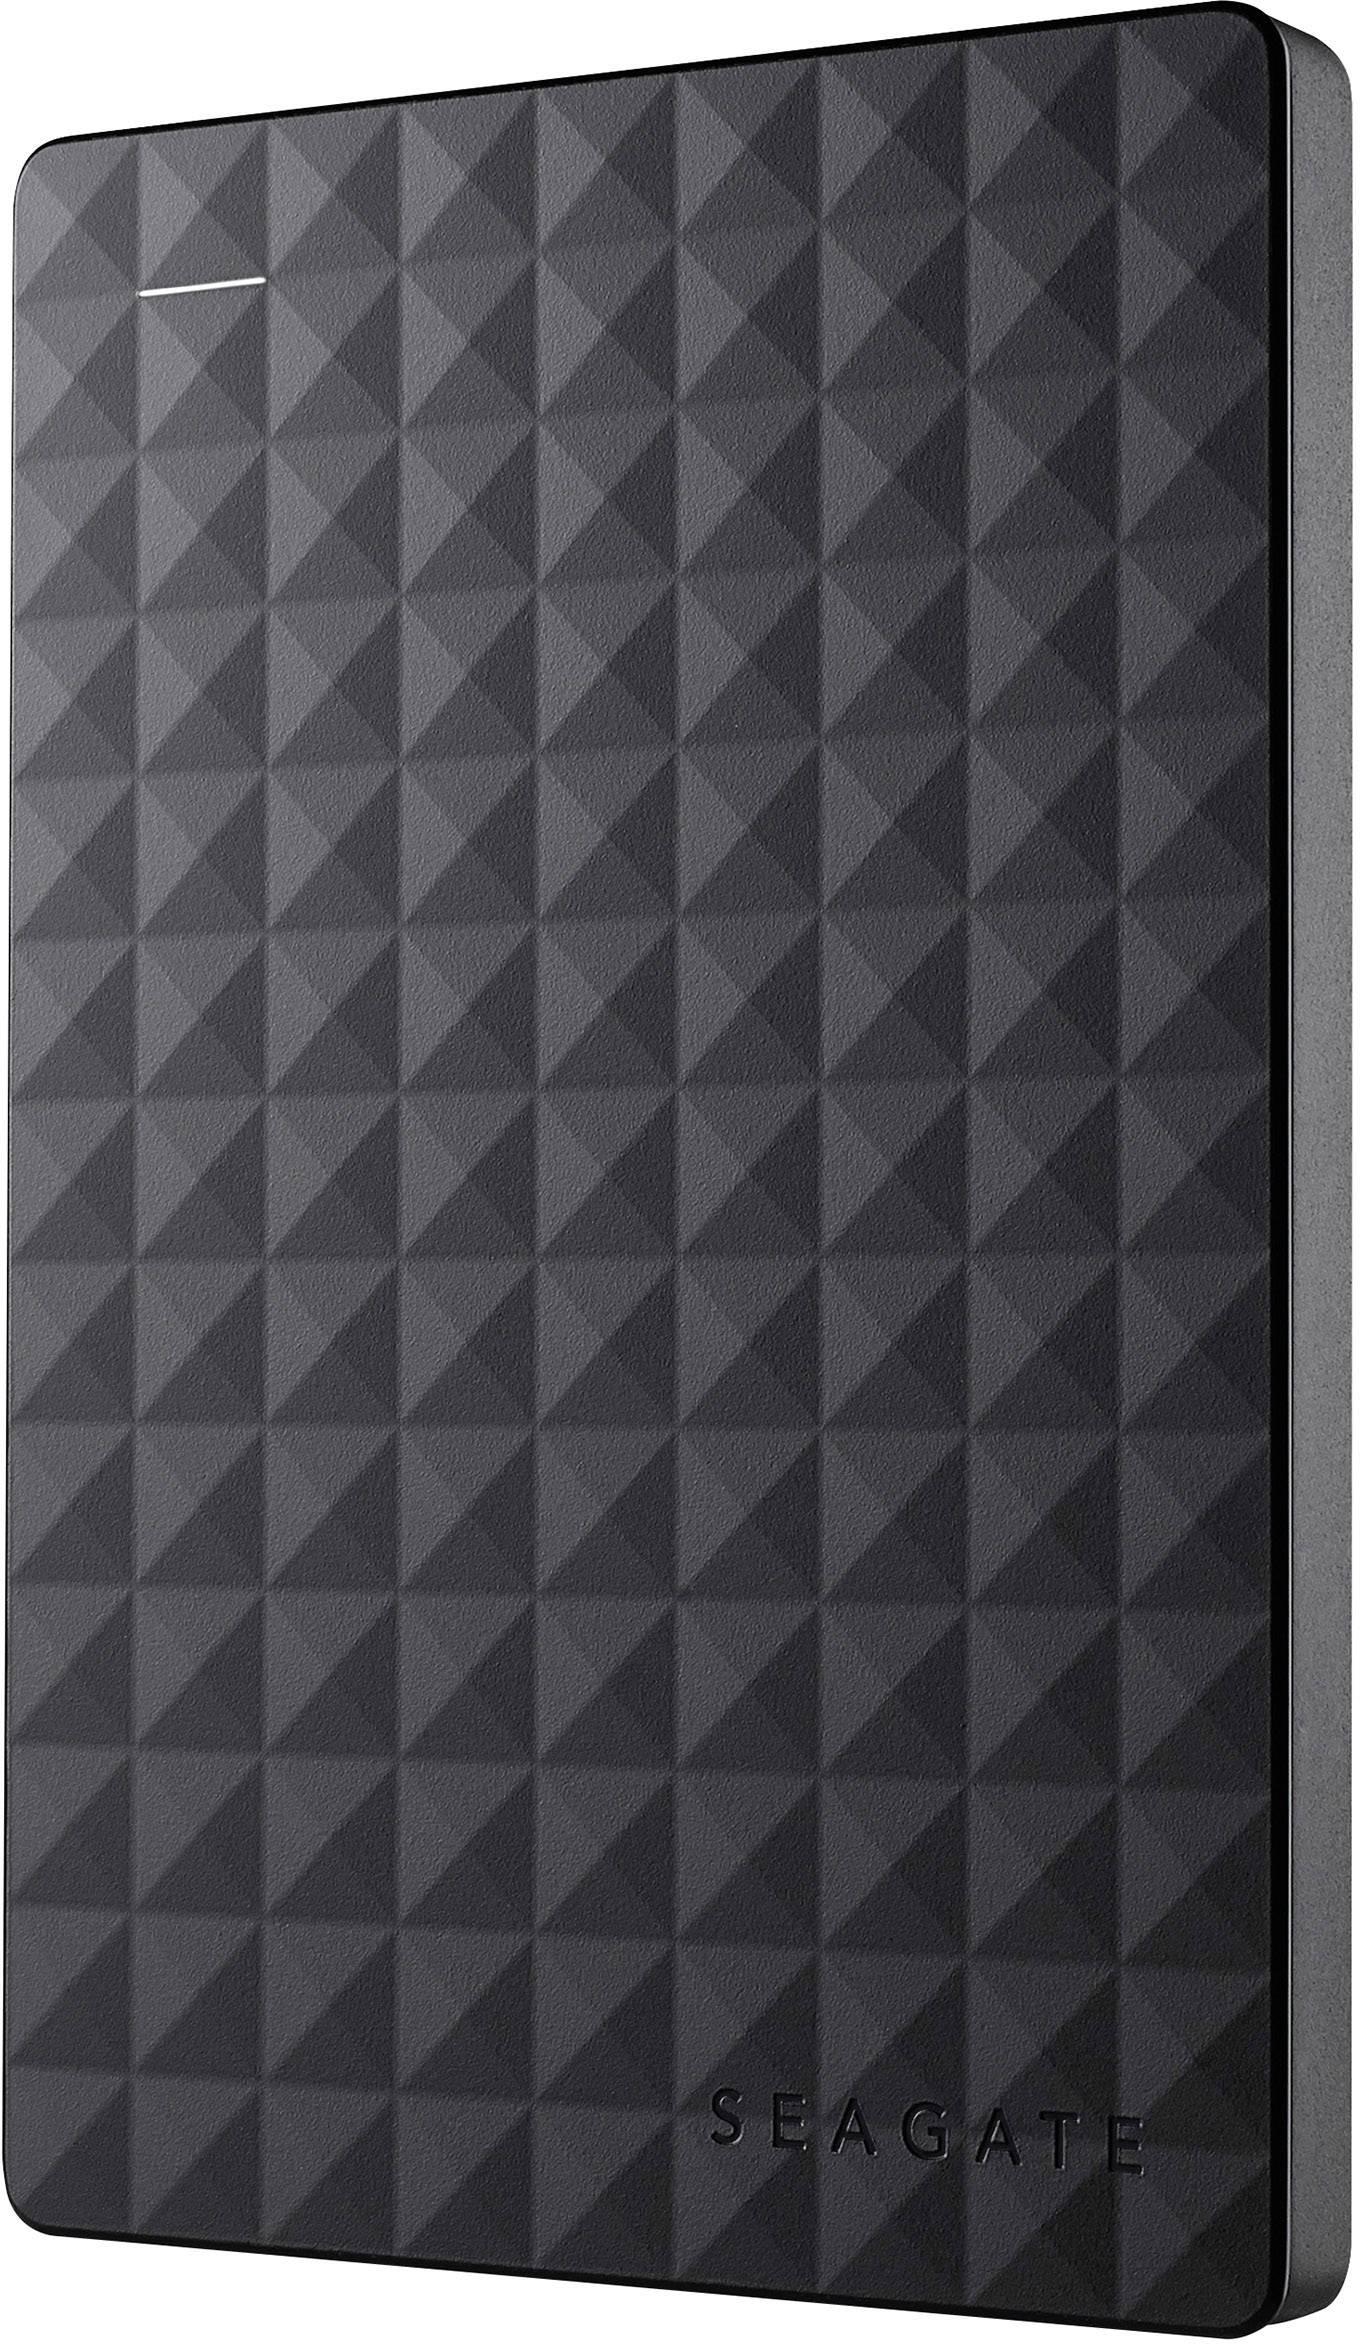 """Externí HDD 6,35 cm (2,5"""") recertifikace Seagate Expansion Portable, 1 TB, USB 3.0, černá"""